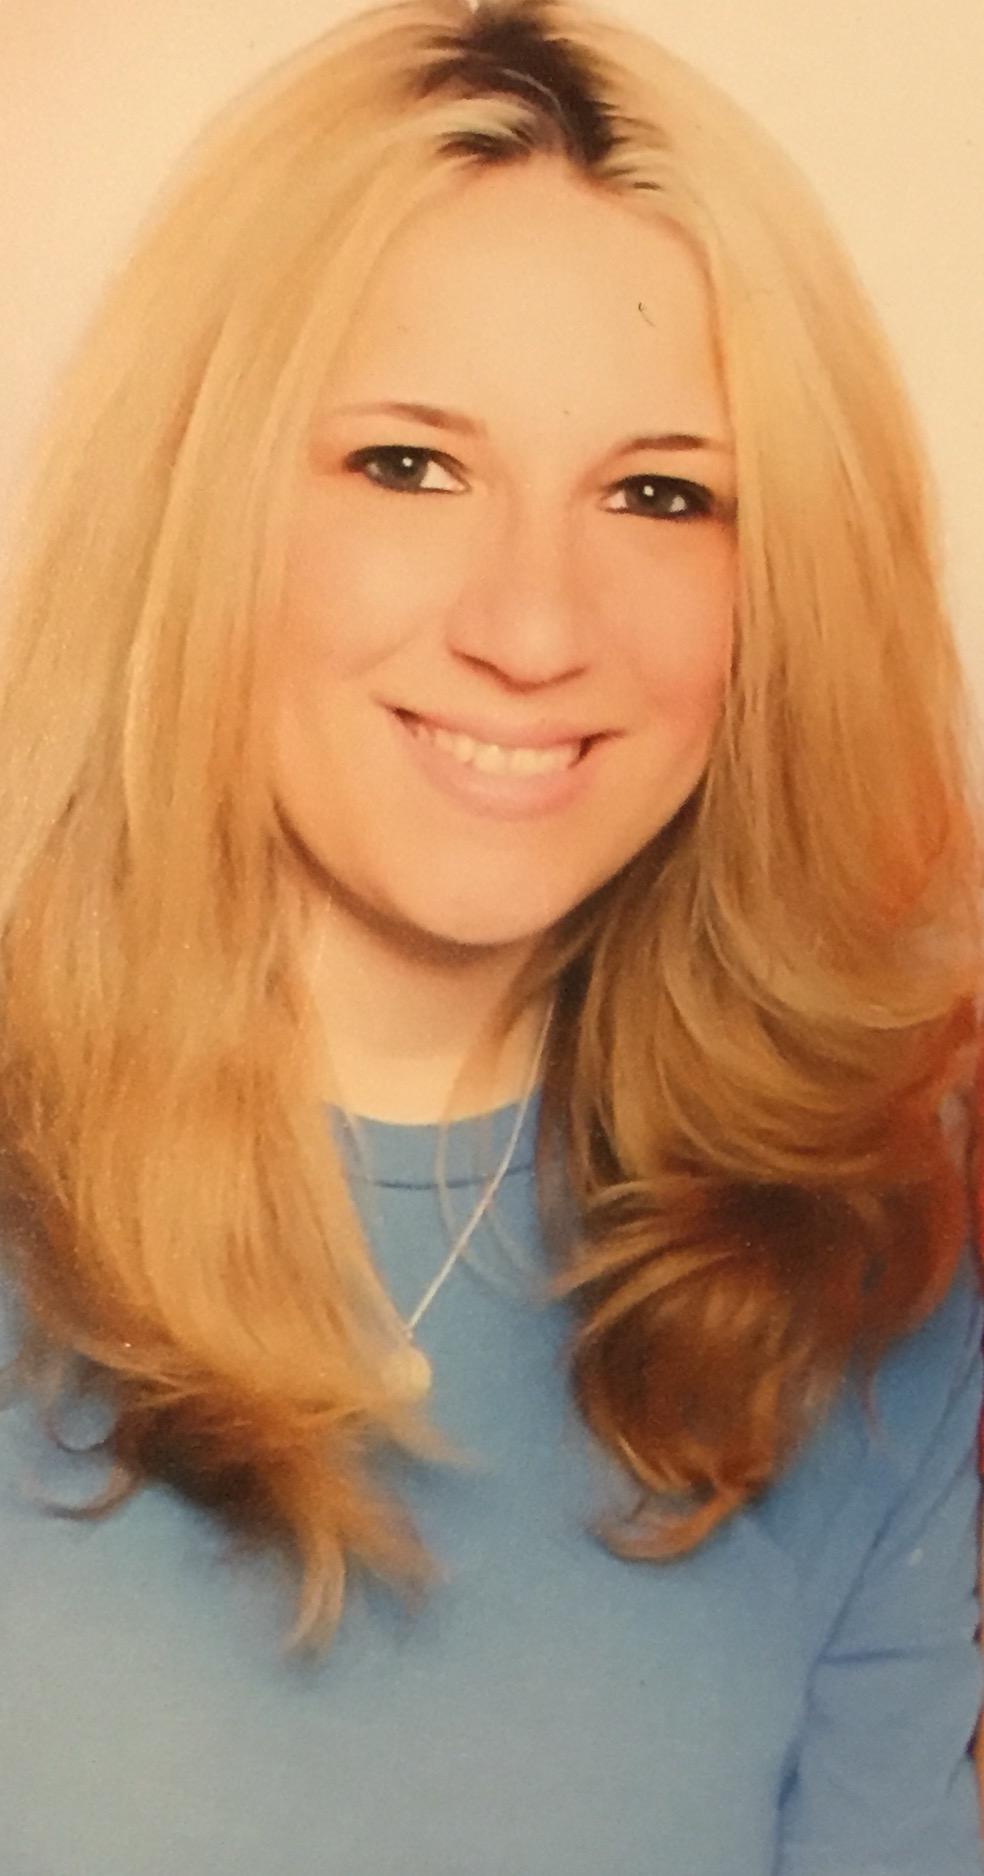 Nicole Stiling